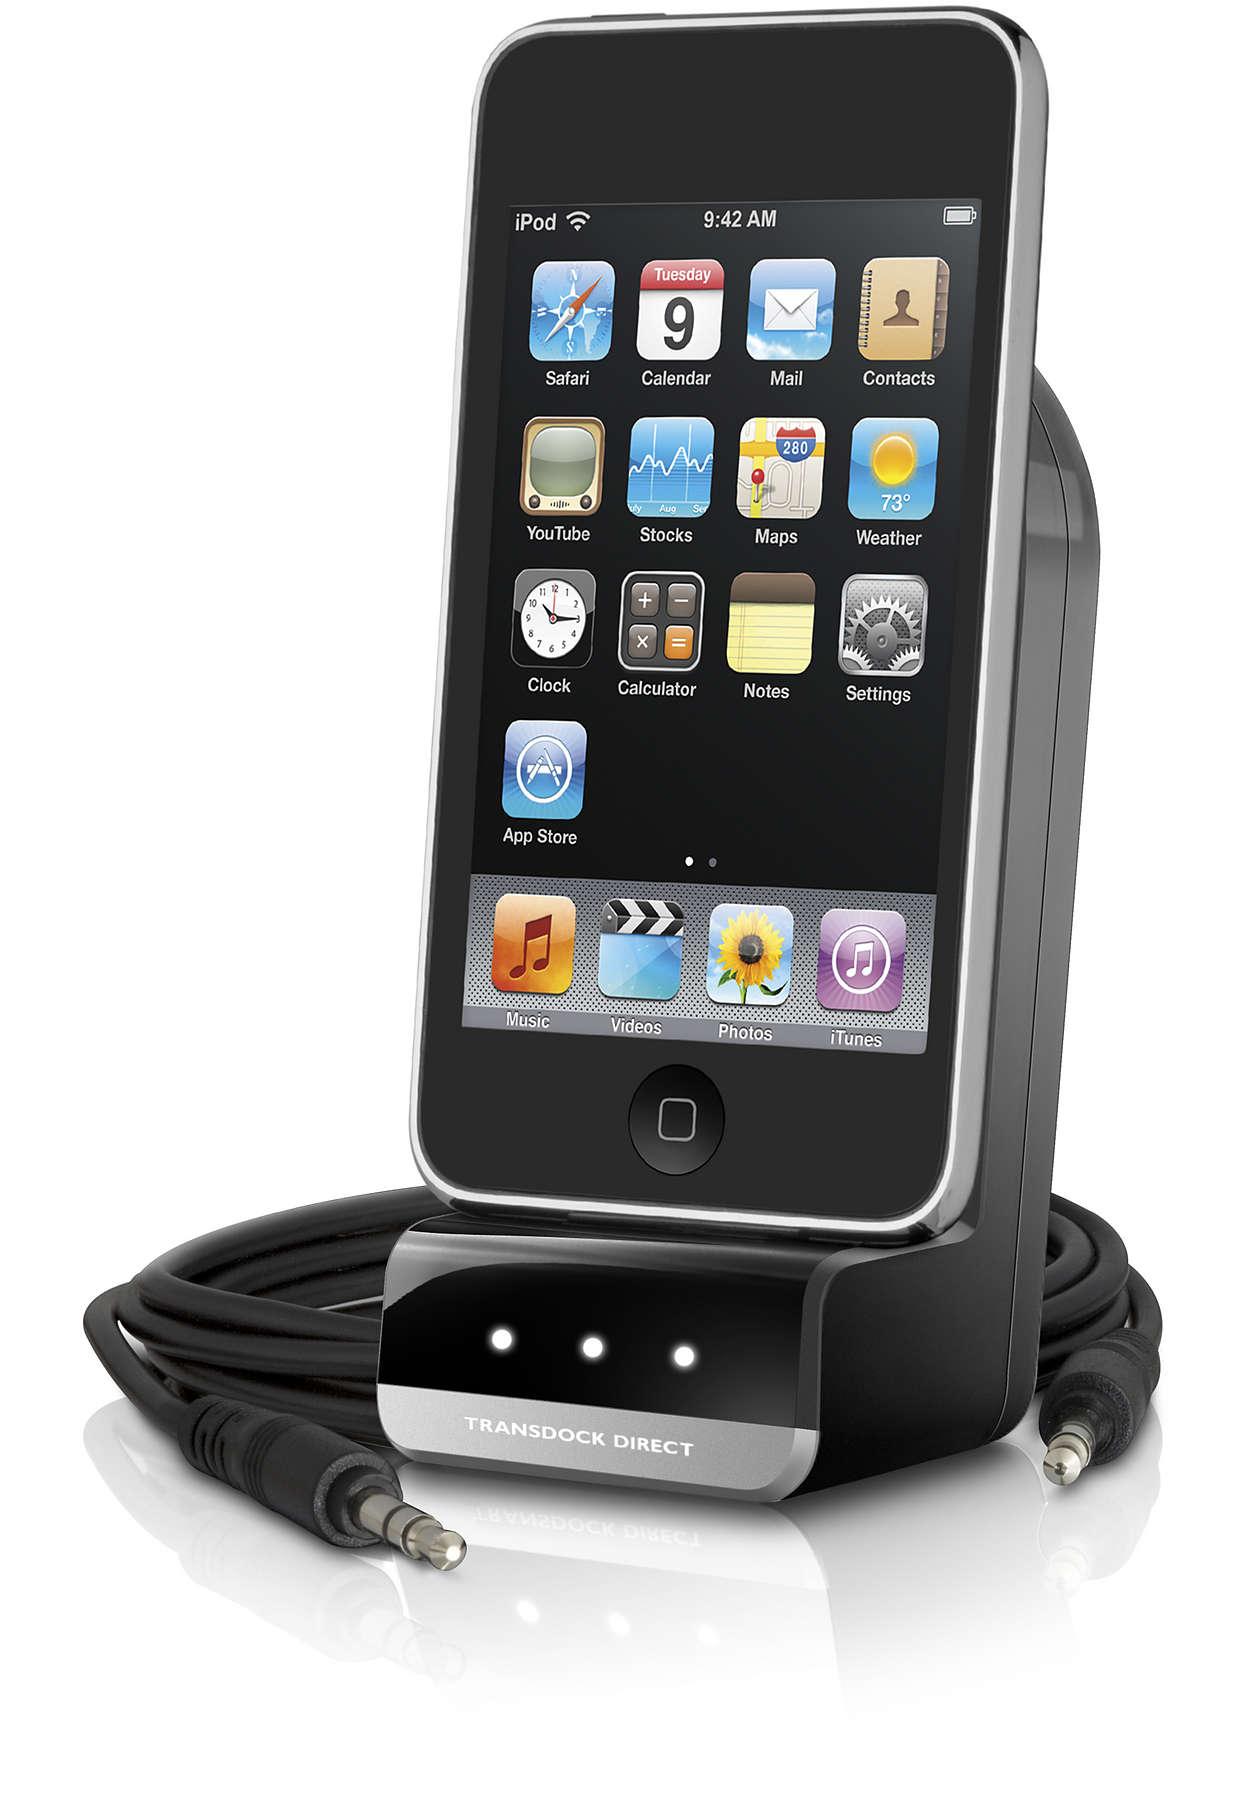 Afspil og oplad din iPod i bilen